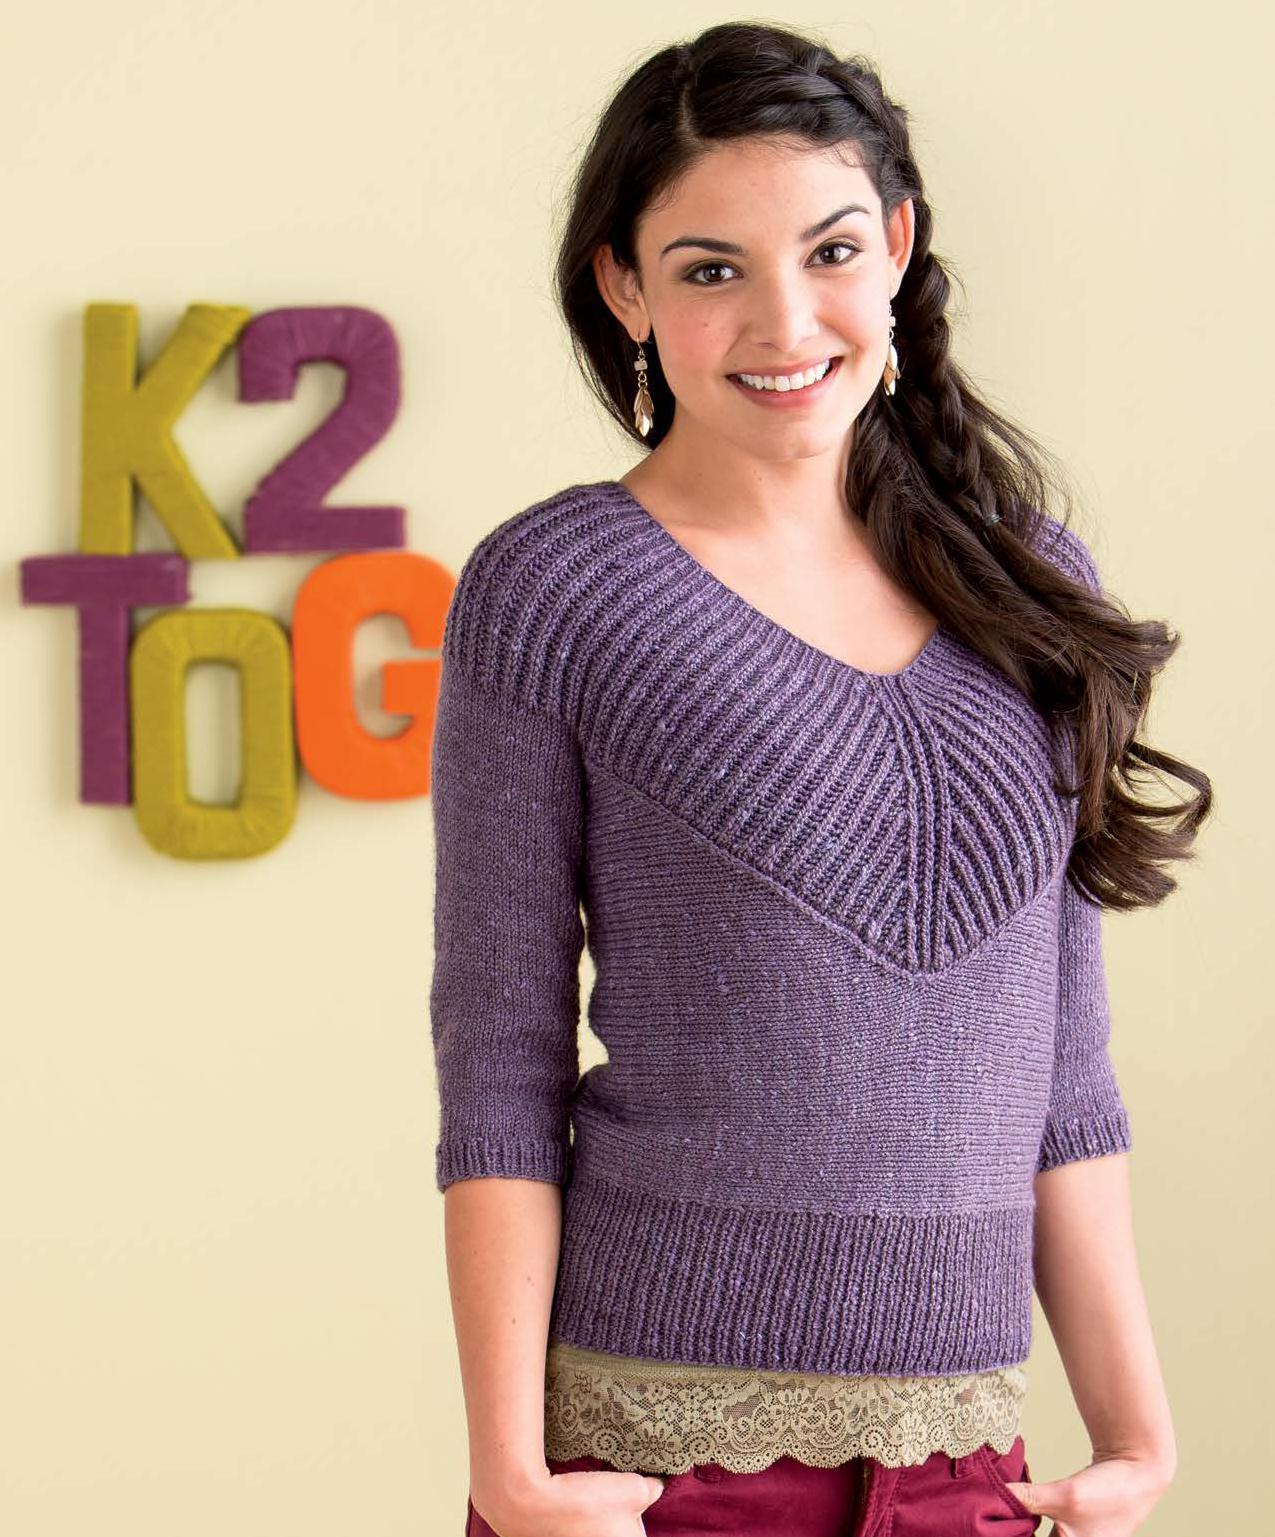 схема выкройки вязаного пуловера женского размер 34-36 или 42-44 русский рукав реглан